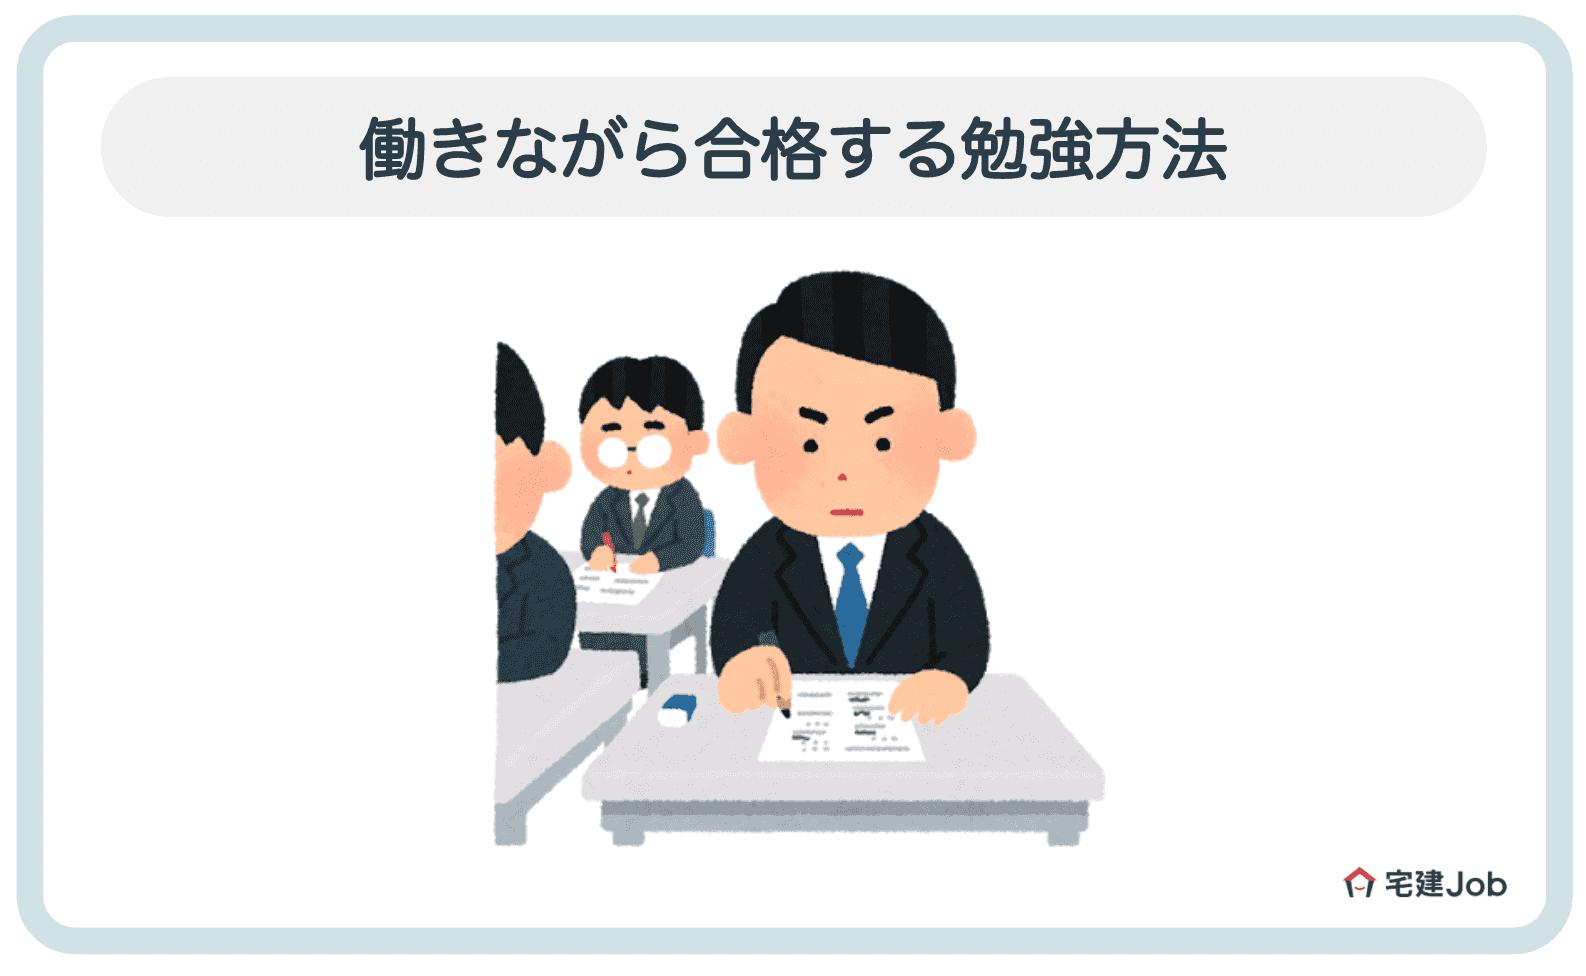 3.不動産鑑定士に働きながら合格する勉強方法